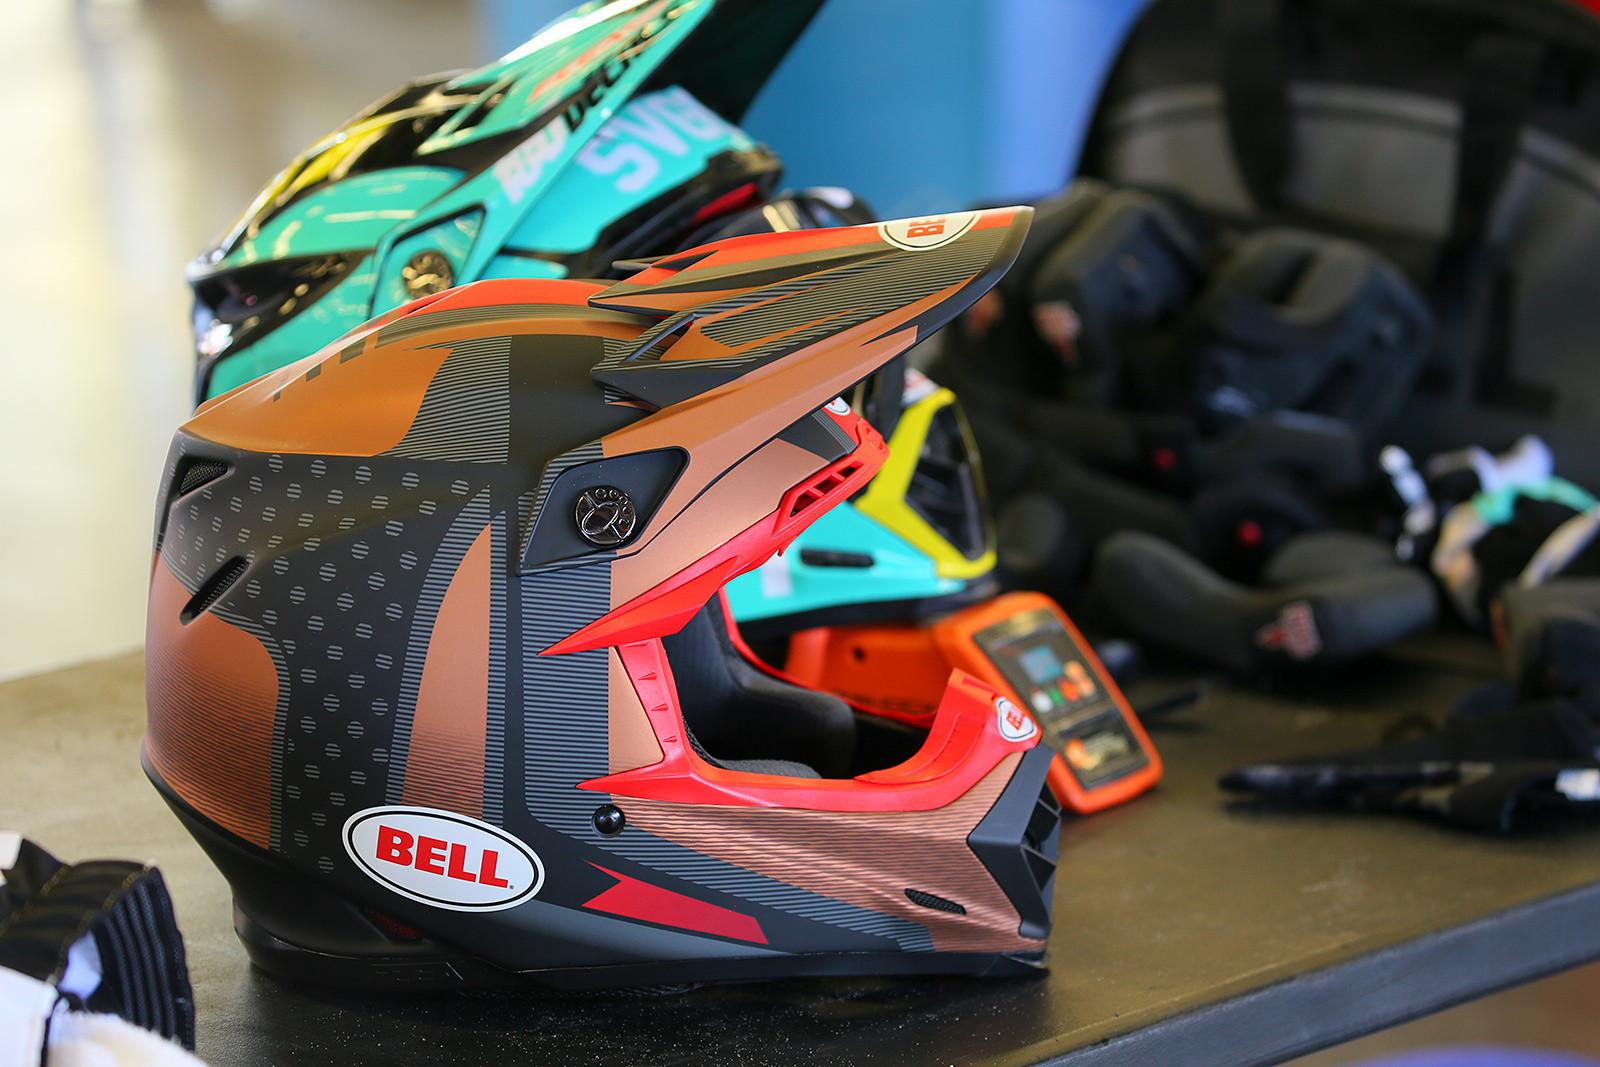 Bell Helmets - Vital MX Pit Bits: Daytona Supercross - Motocross Pictures - Vital MX